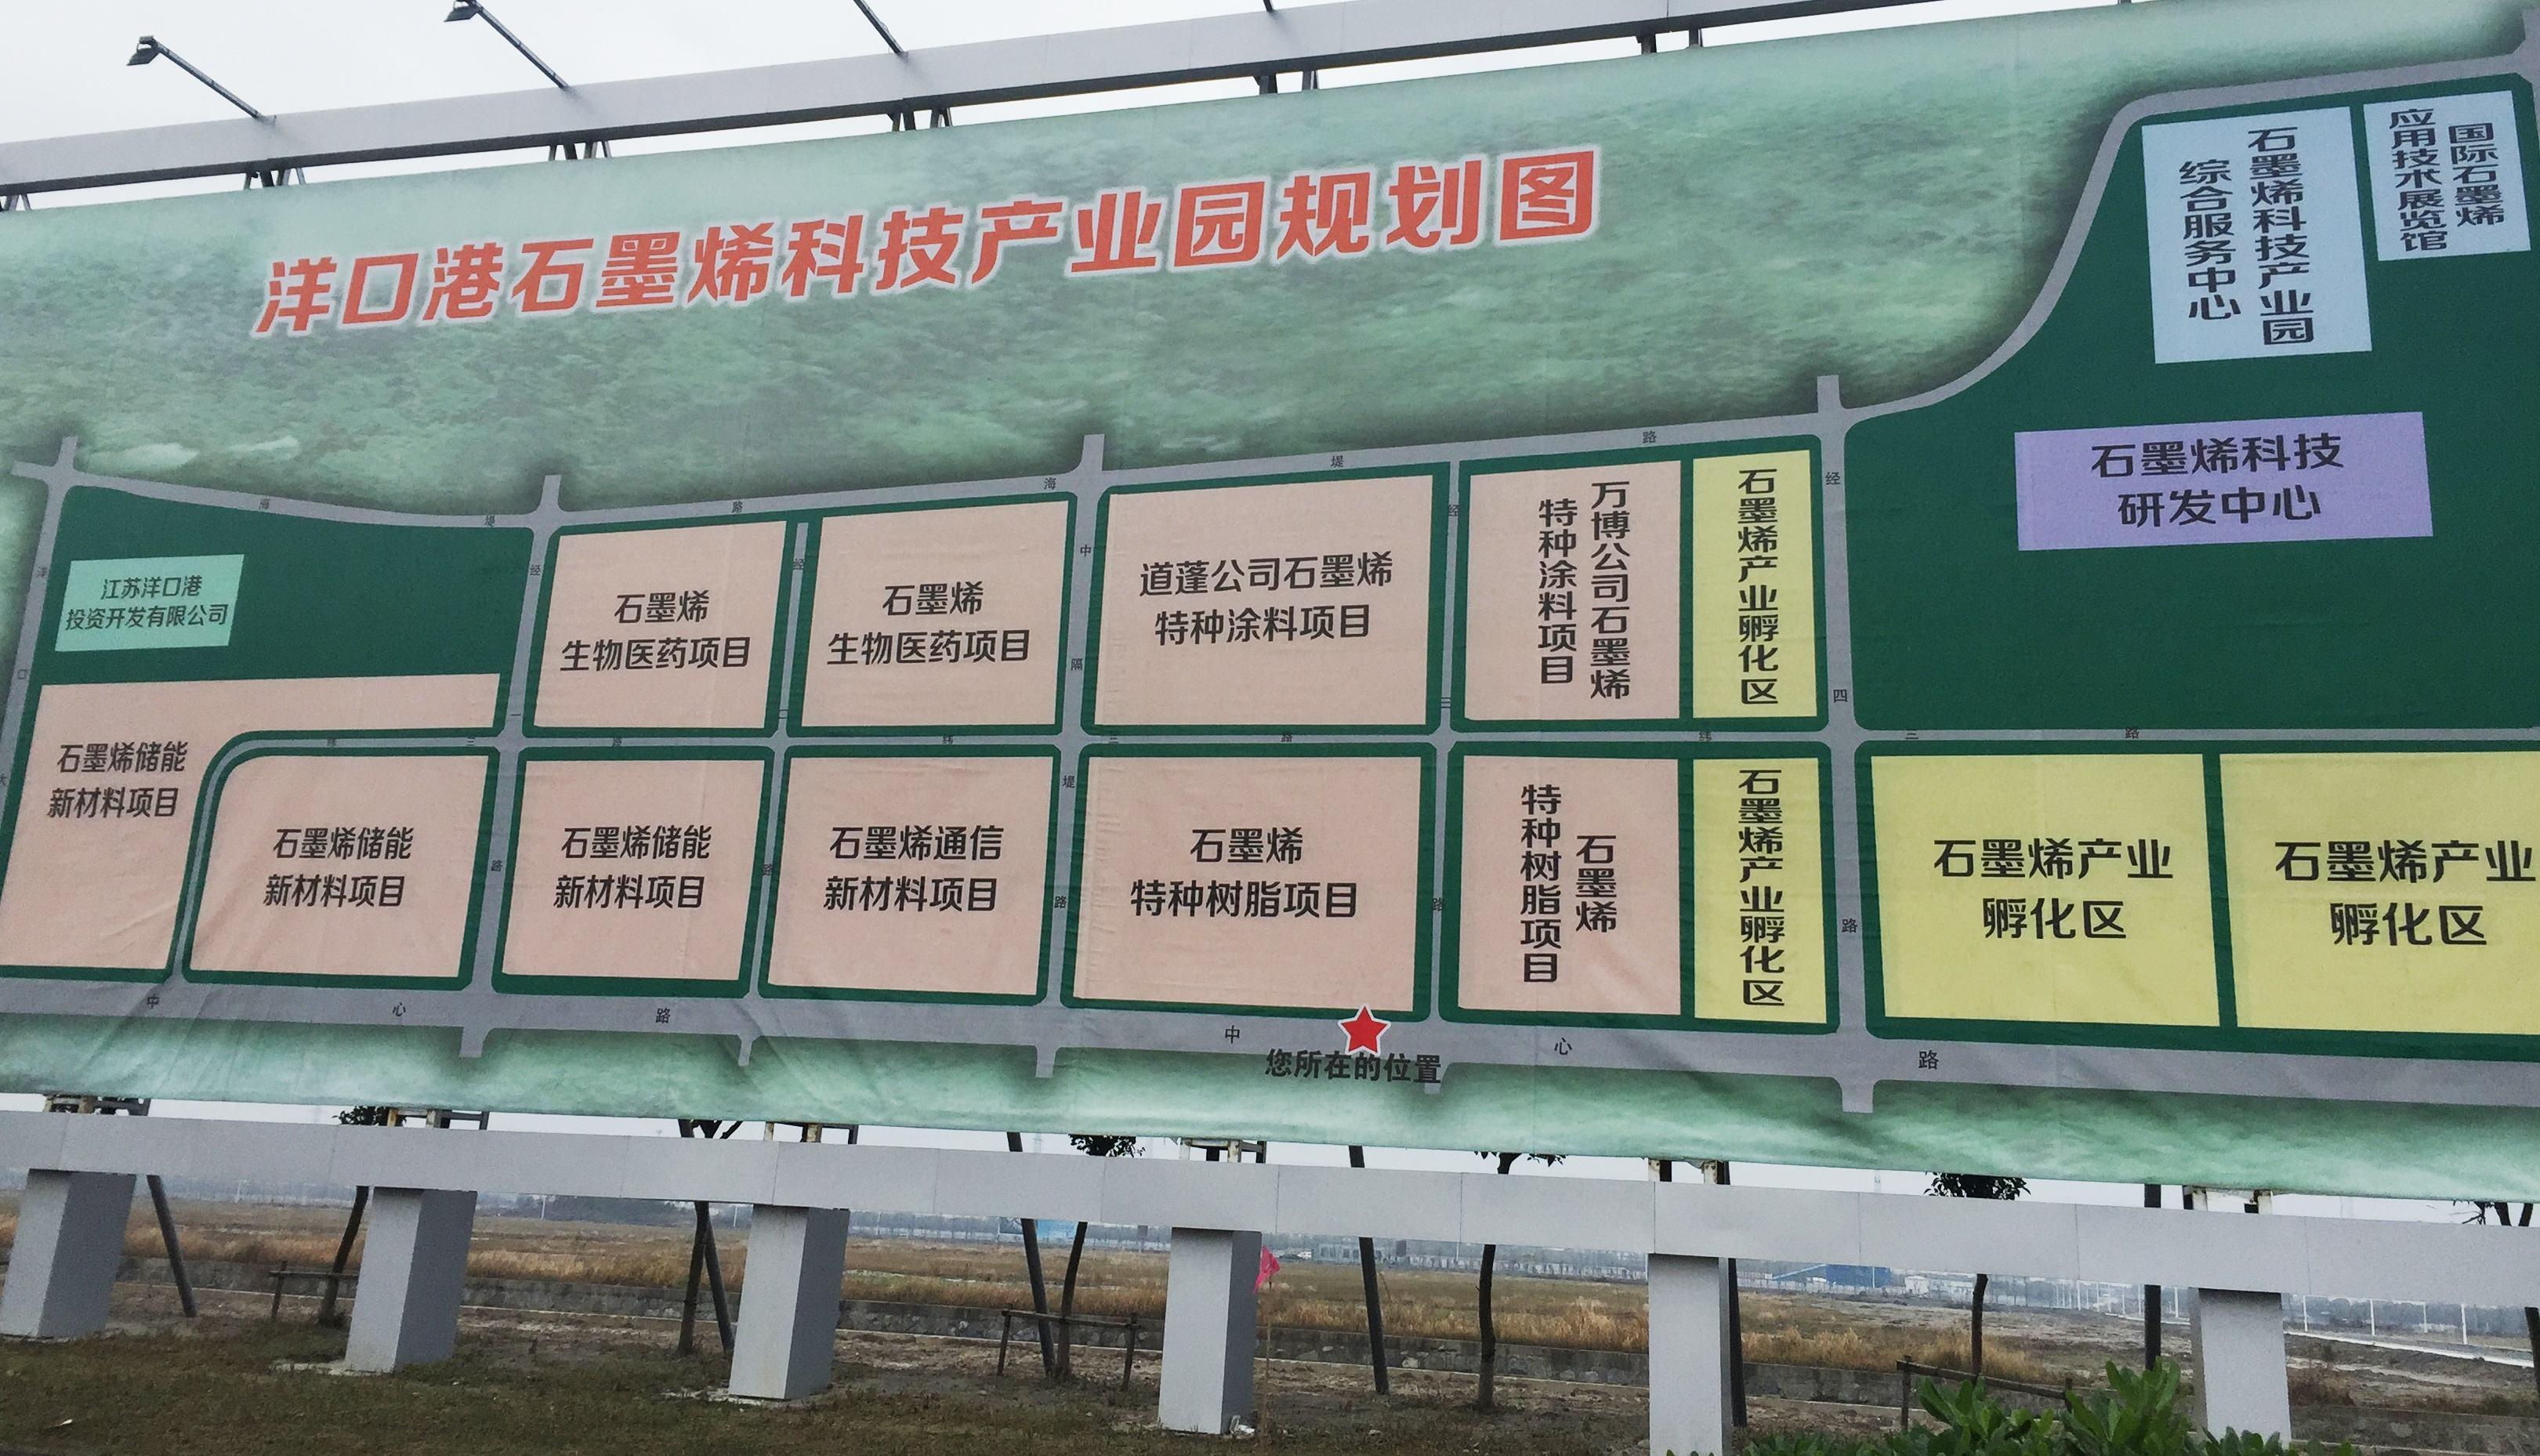 江苏如东洋口港经济开发区